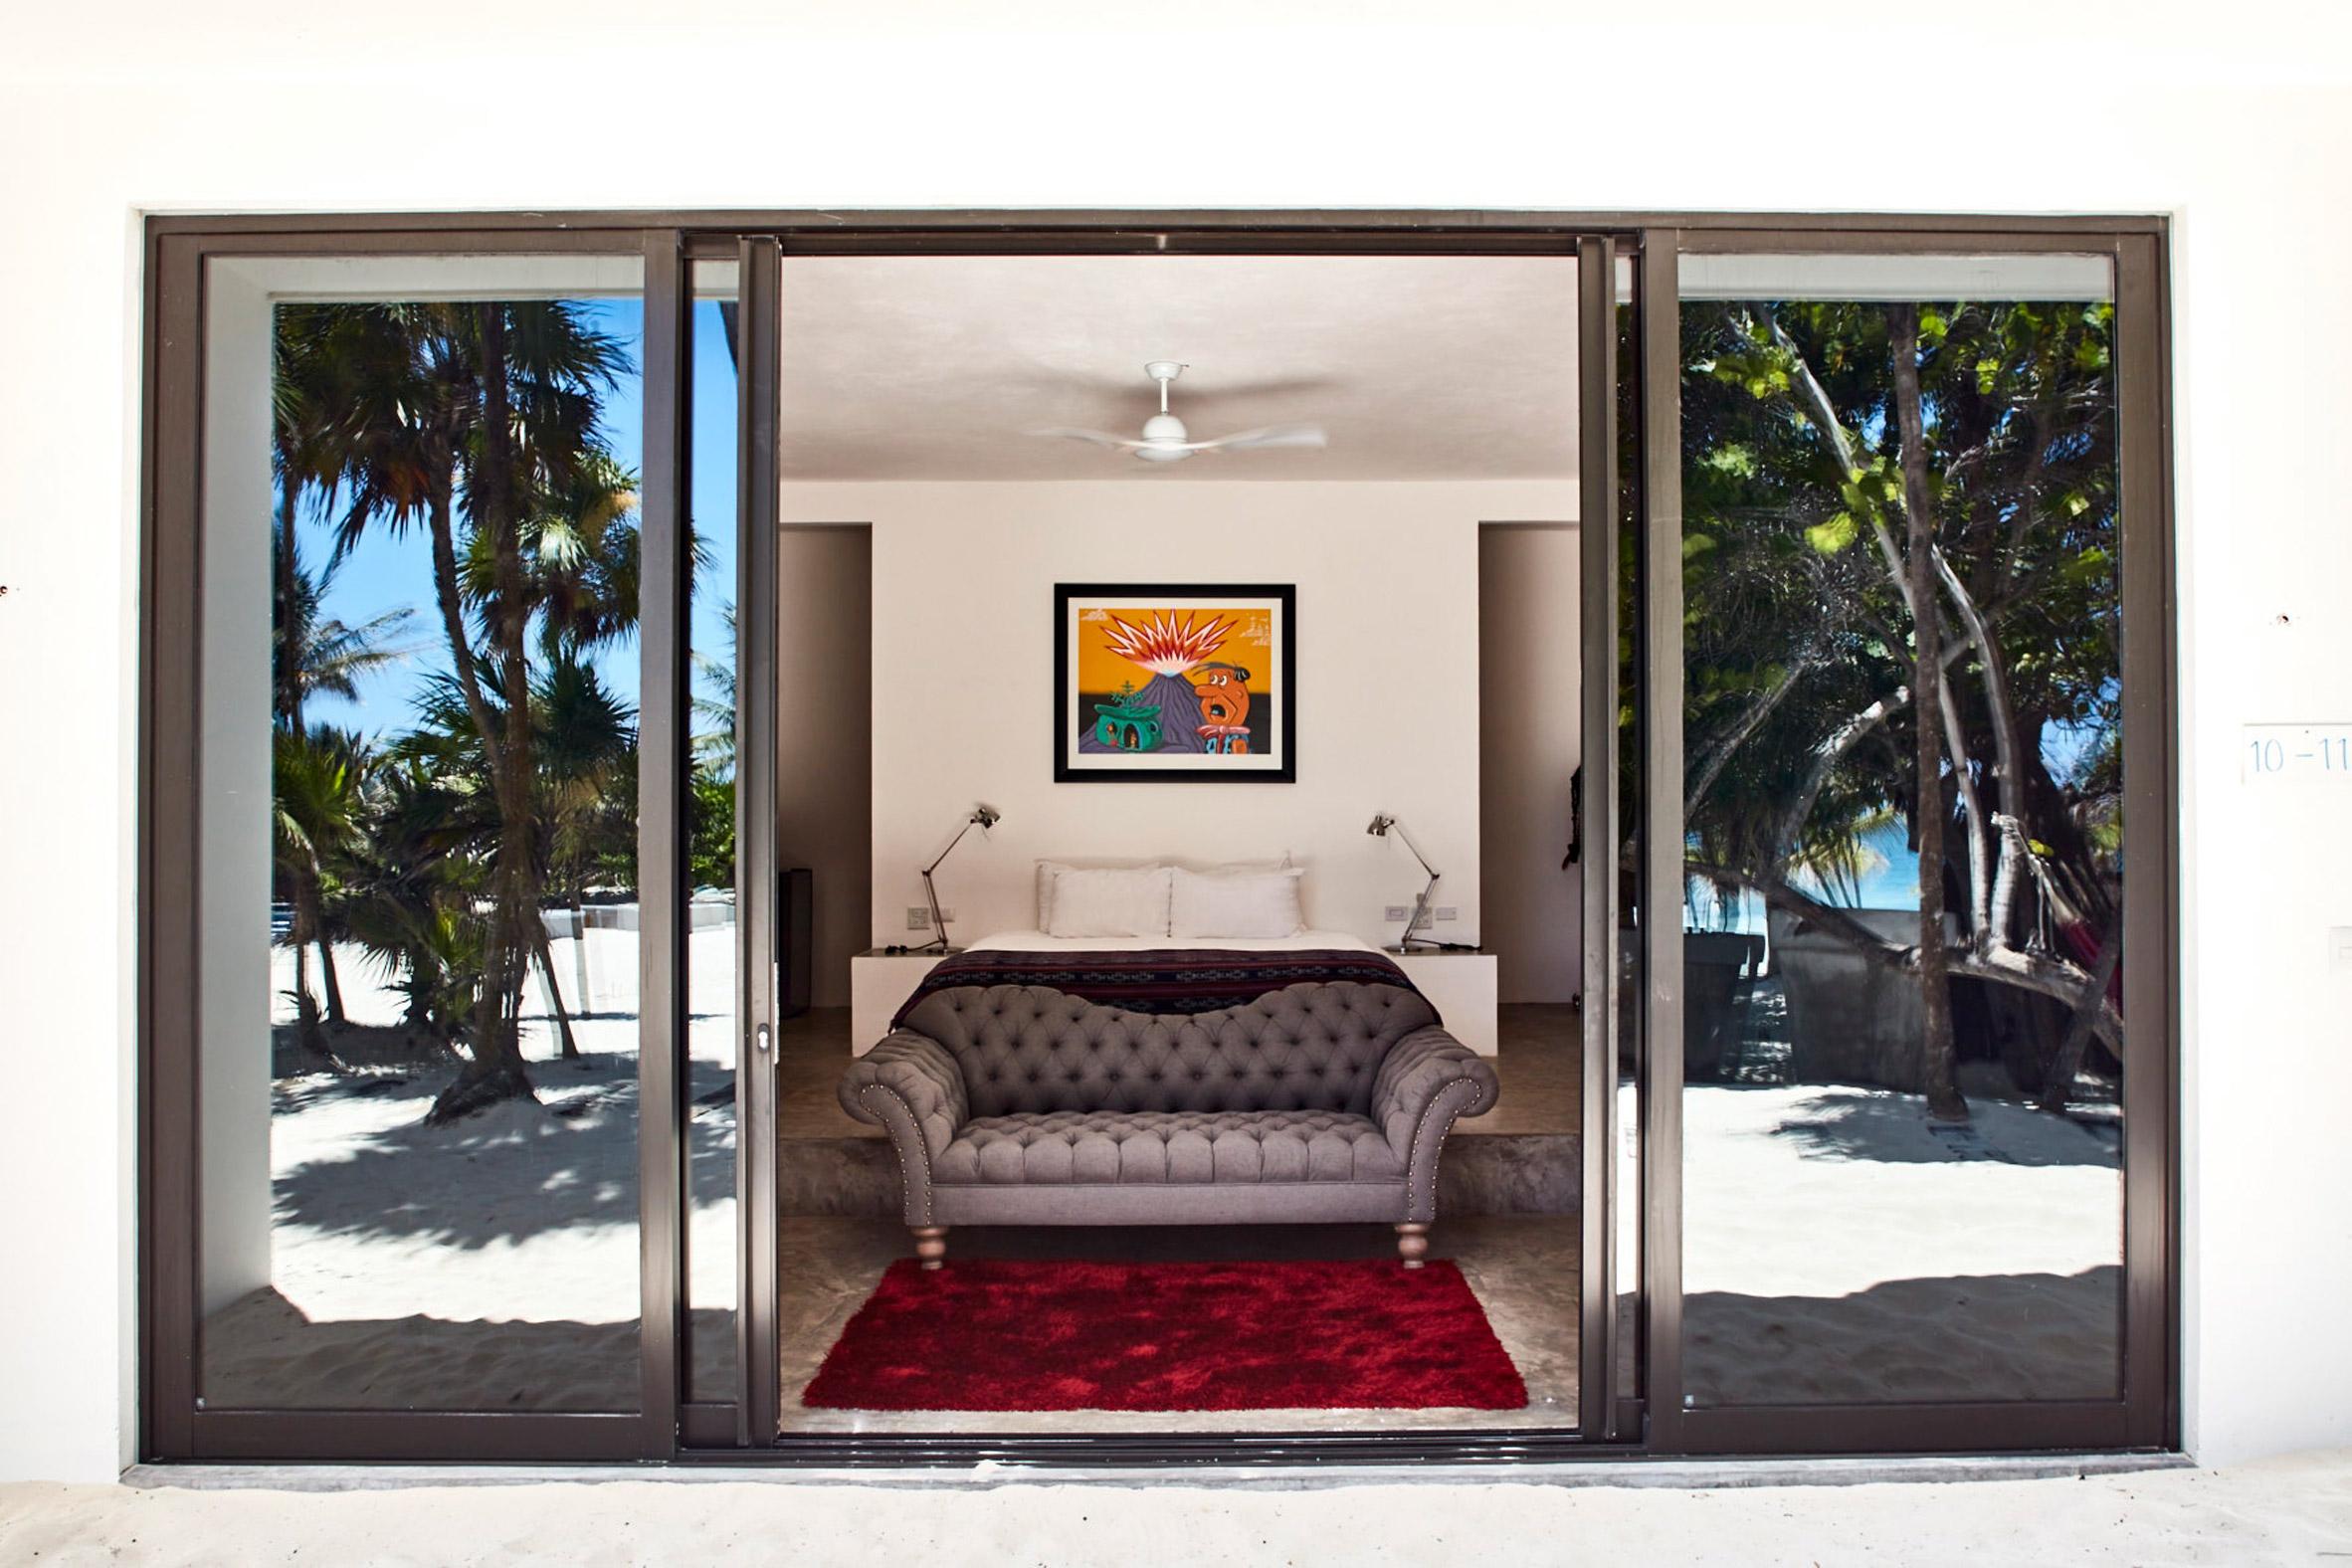 casa-malca-architecture-hotels-mexico_dezeen_2364_col_19